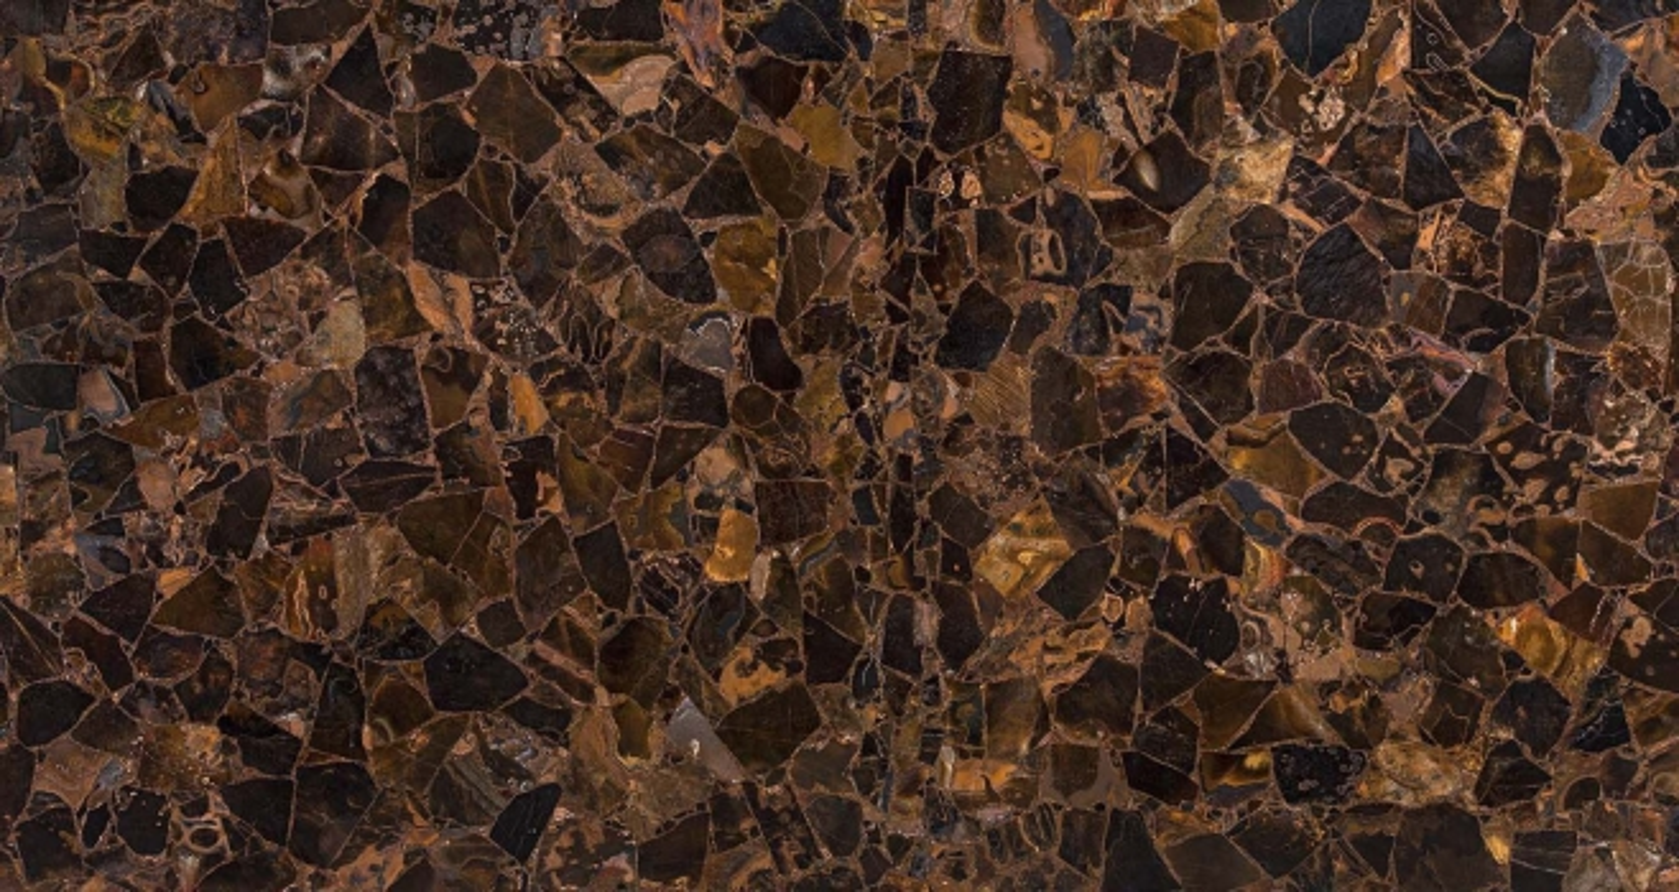 WILD TIGER EYE Suministro Verona (Italia) de planchas pulidas en piedra semi preciosa natural AA-WTES